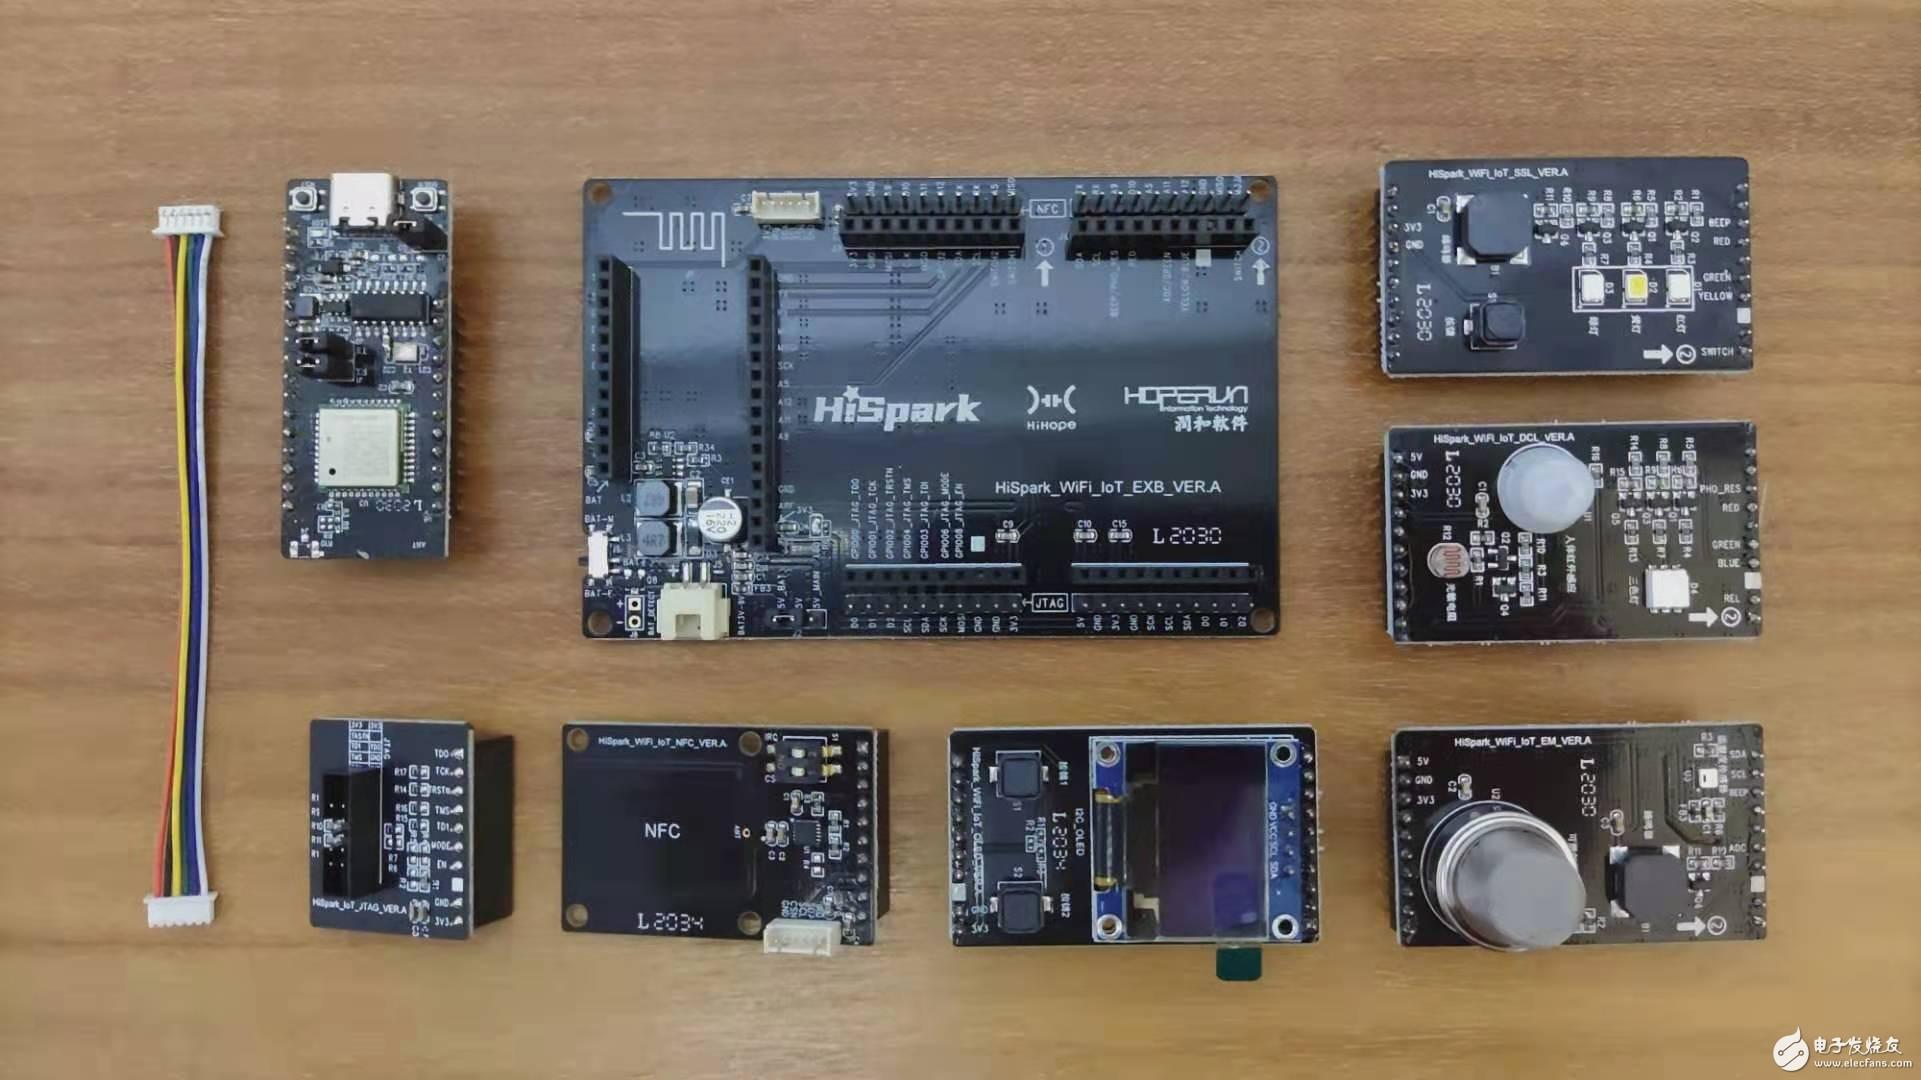 【开箱】HiSpark WiFi-IoT 开发套件